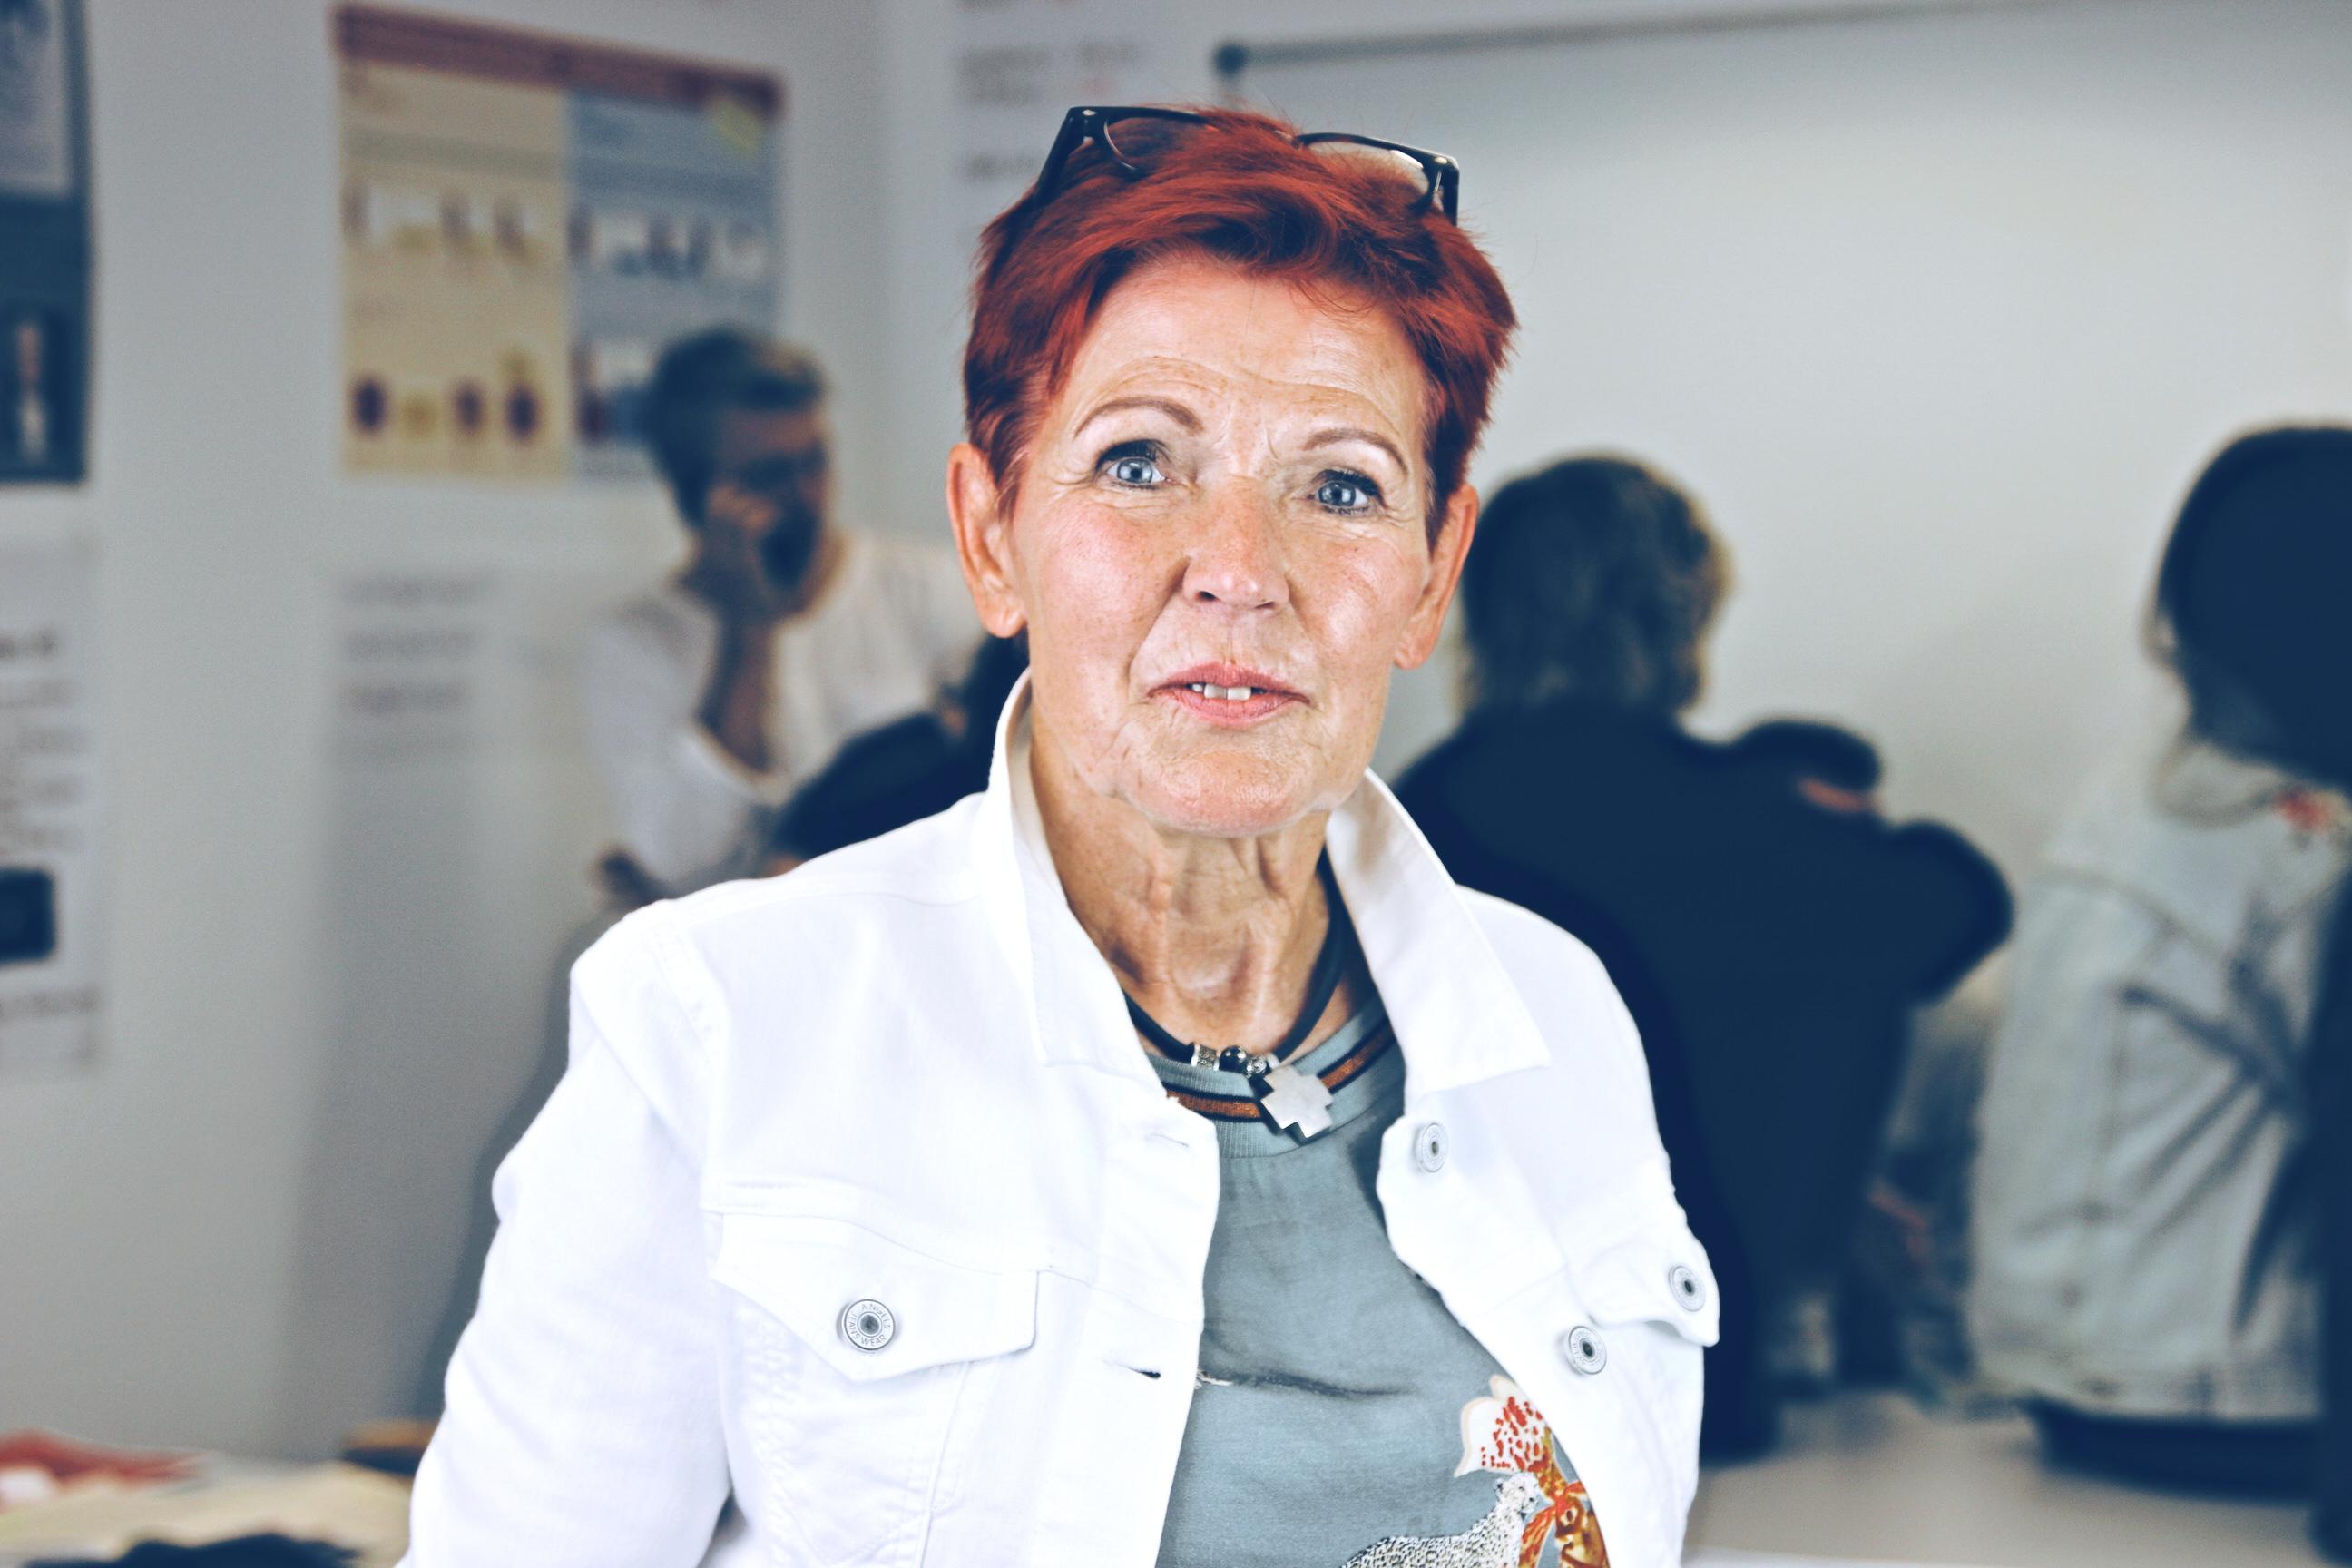 Barbara Bartsch